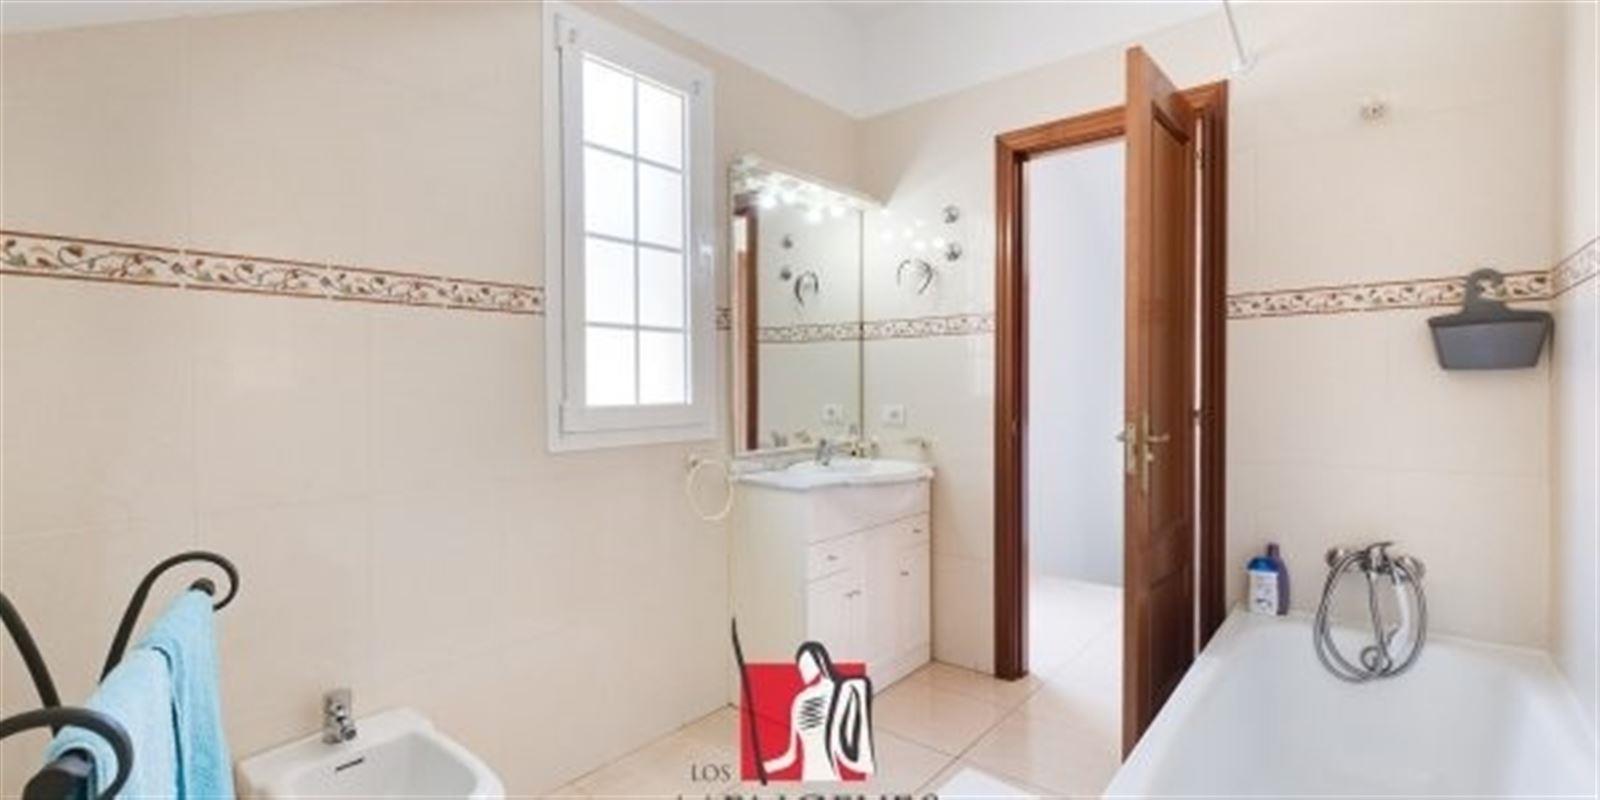 Foto 7 : Appartement te 3680 MAASEIK (België) - Prijs € 315.000